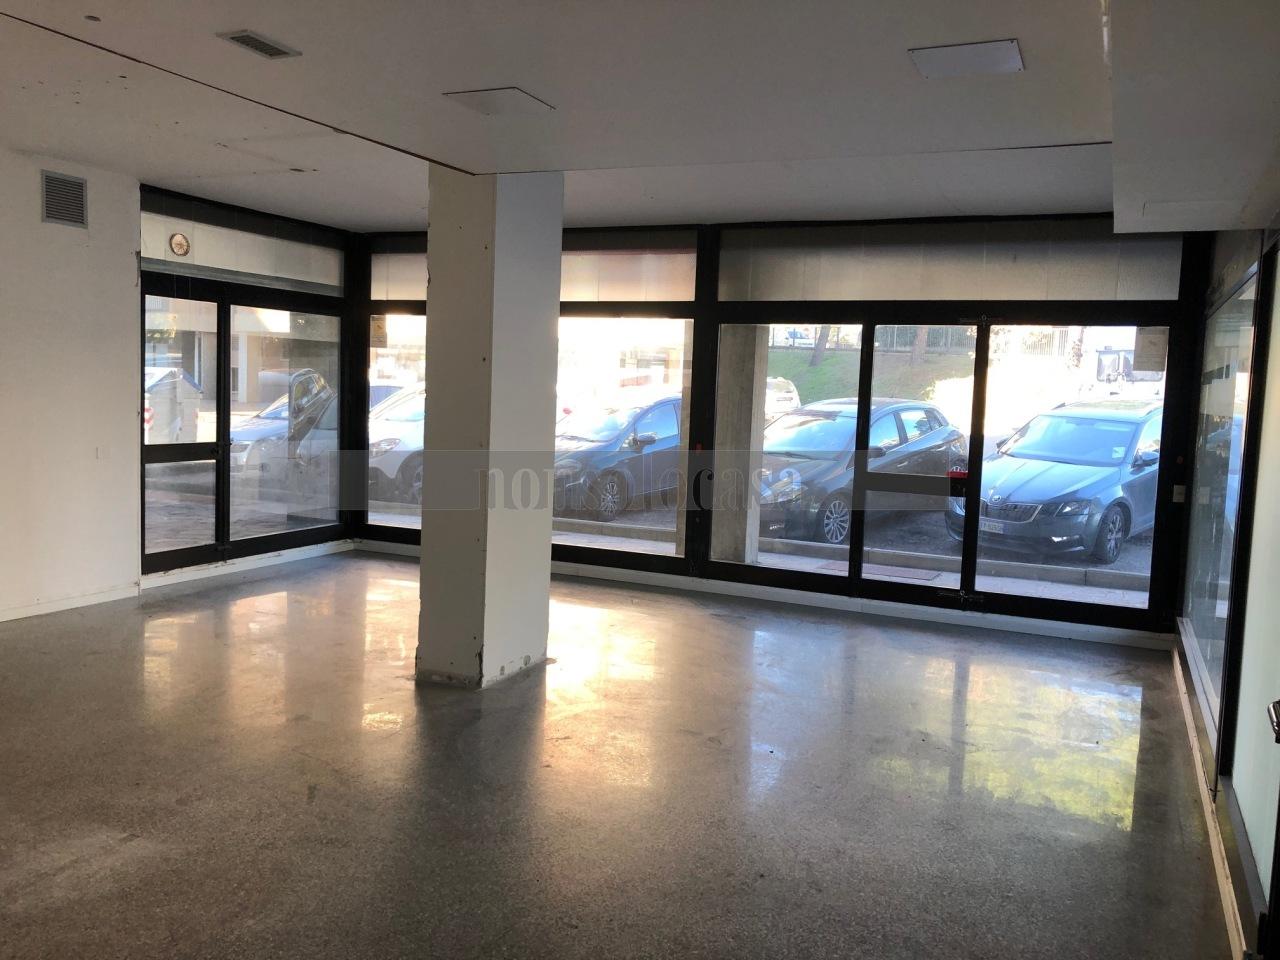 Locale commerciale - 3 Vetrine a San Sisto, Perugia